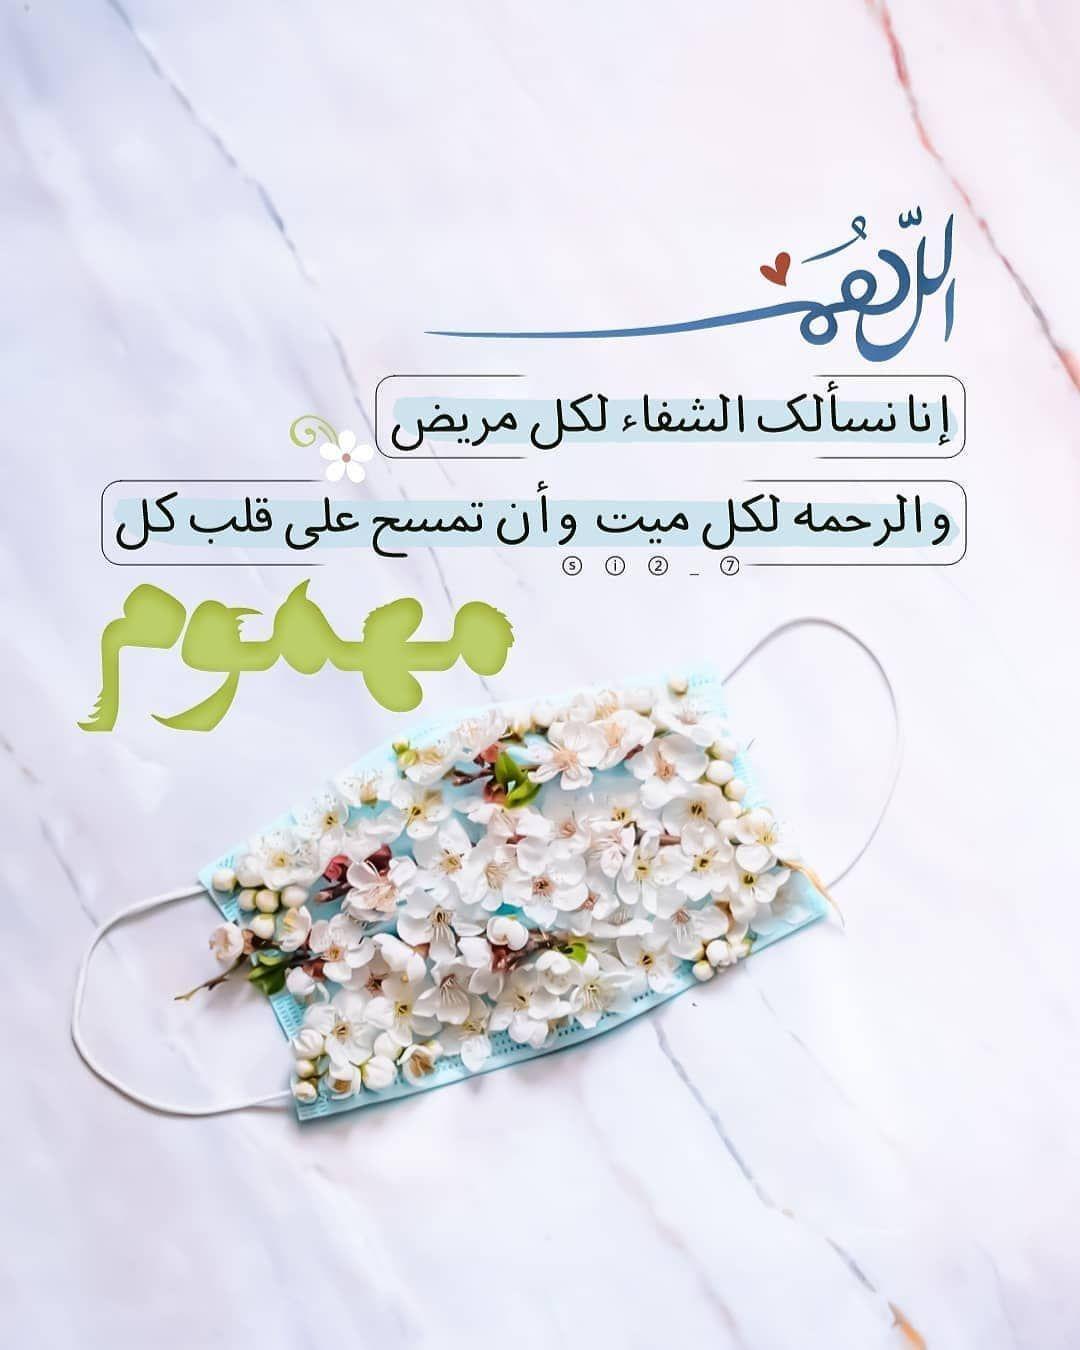 الحساب لنشر تصاميمكم الدينيه On Instagram ملحوظة أغلب التصميمات ليست لنا وتجدون ما يخصنا في هاشتاق Friday Messages Islamic Quotes Quran Islamic Quotes